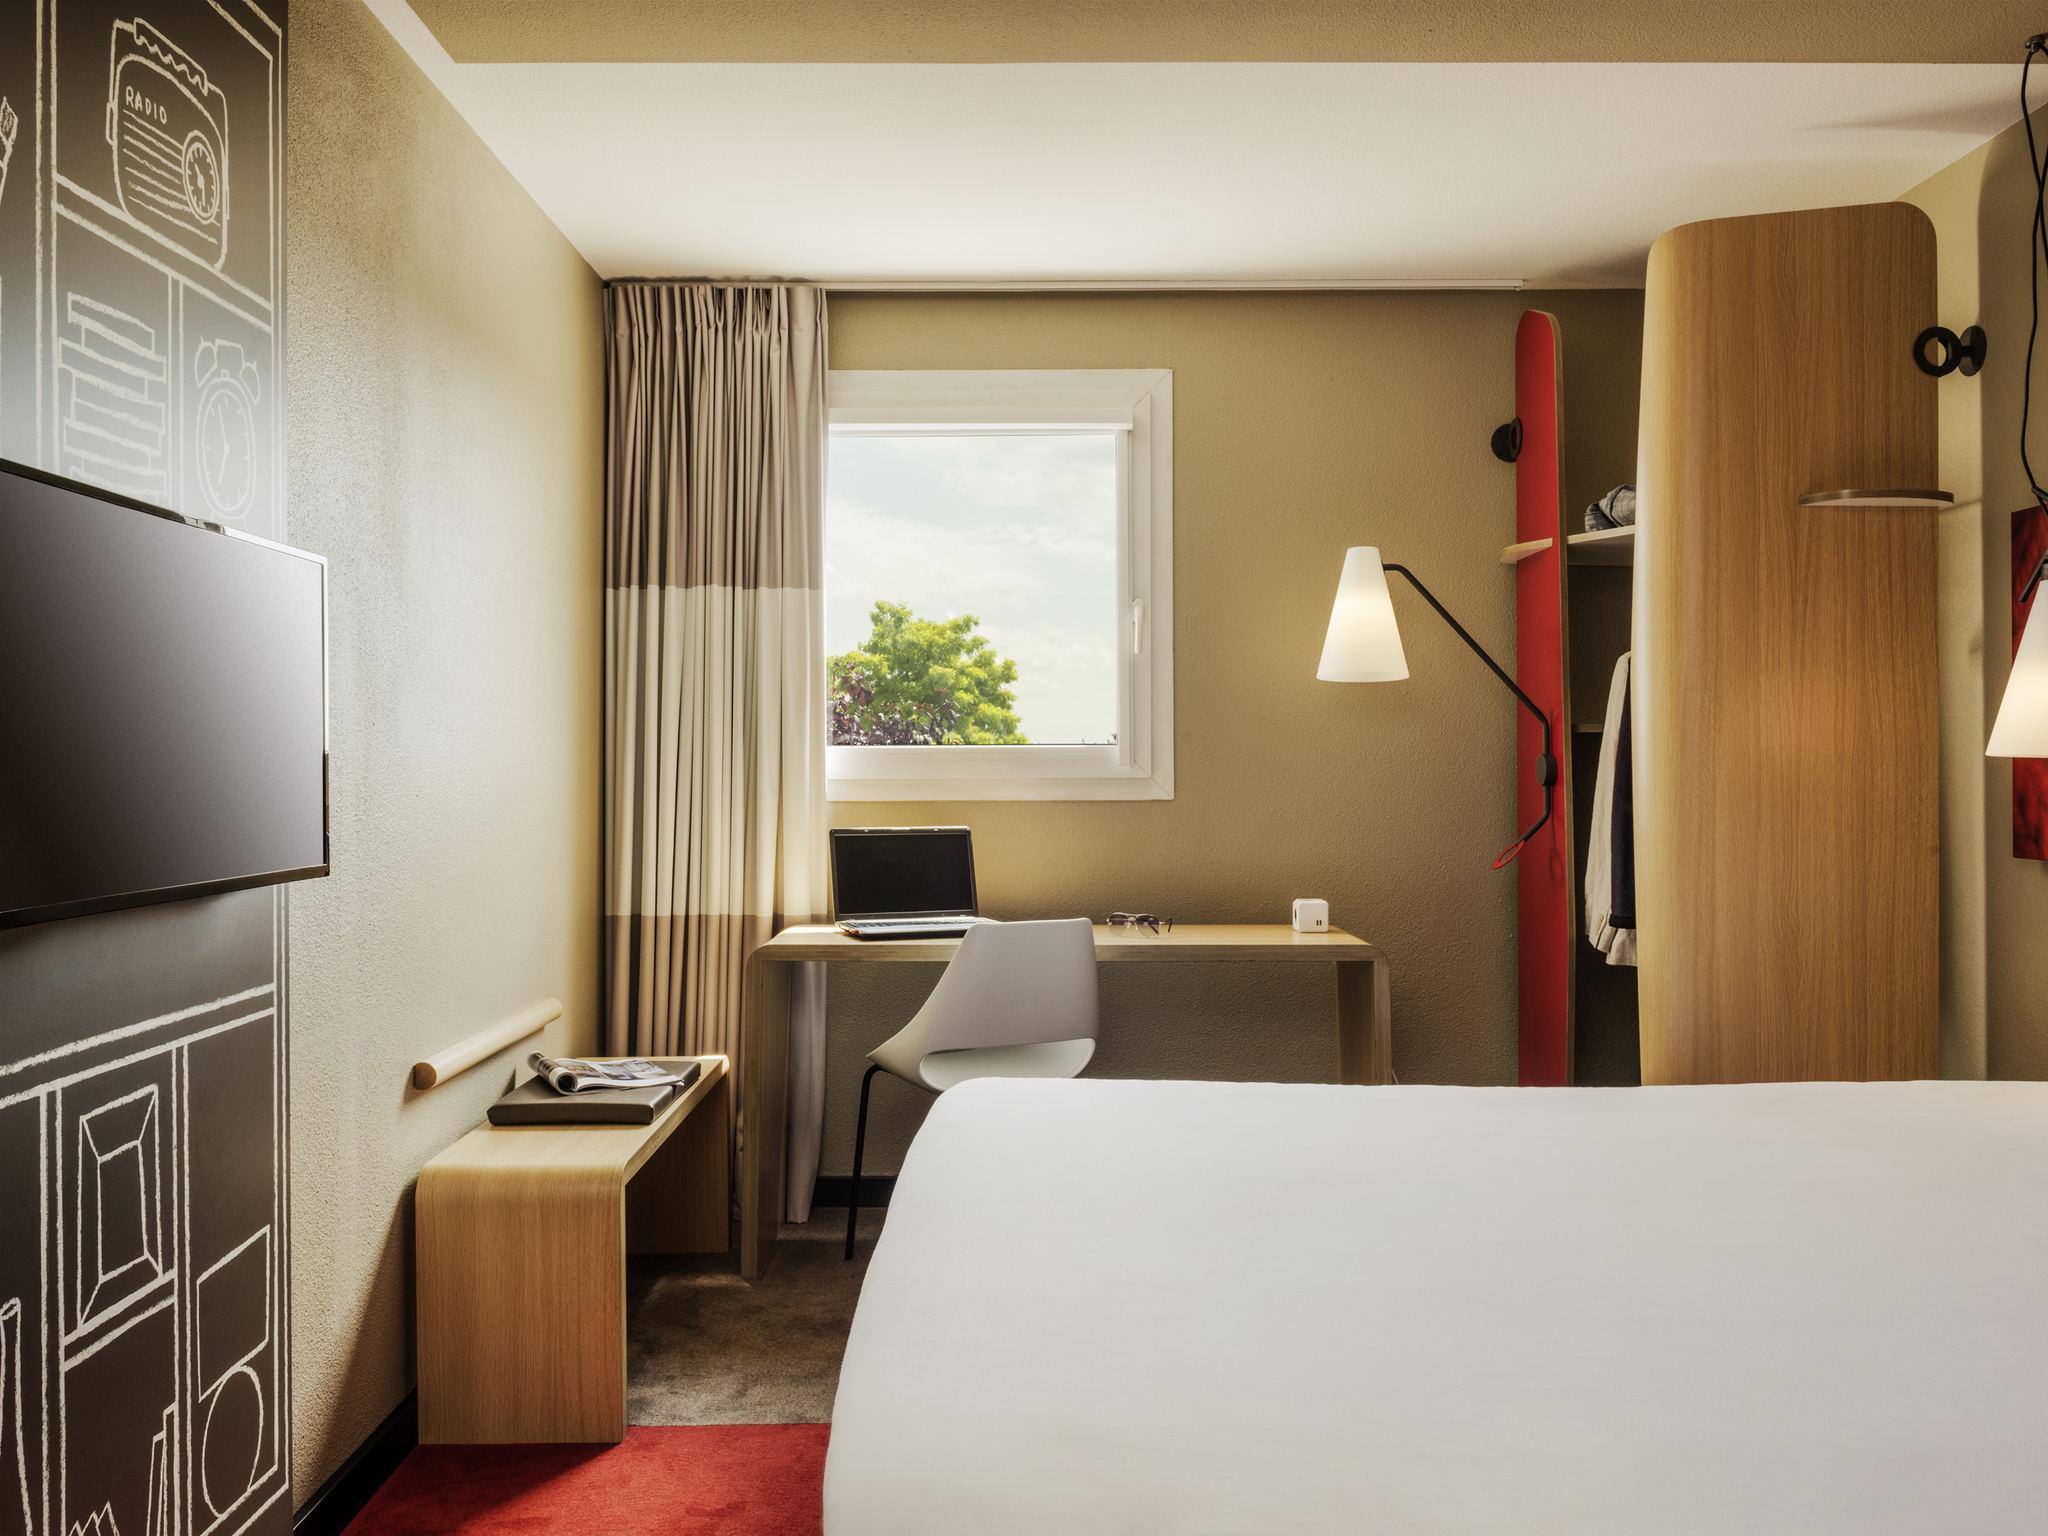 Hotel Ibis Chilly Mazarin